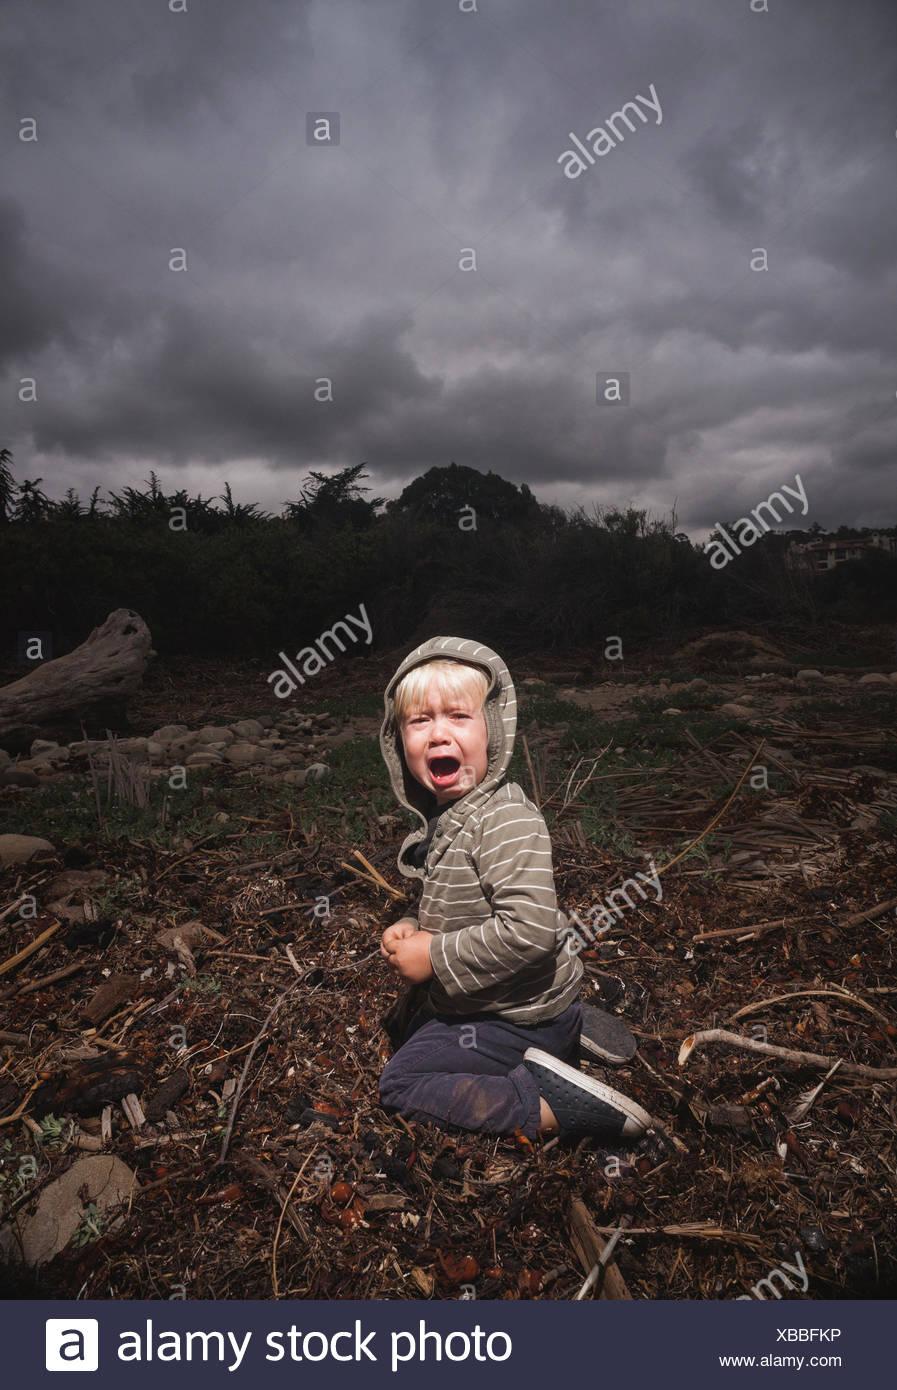 Jeune garçon à genoux sur le sol en pleurant contre ciel orageux Photo Stock